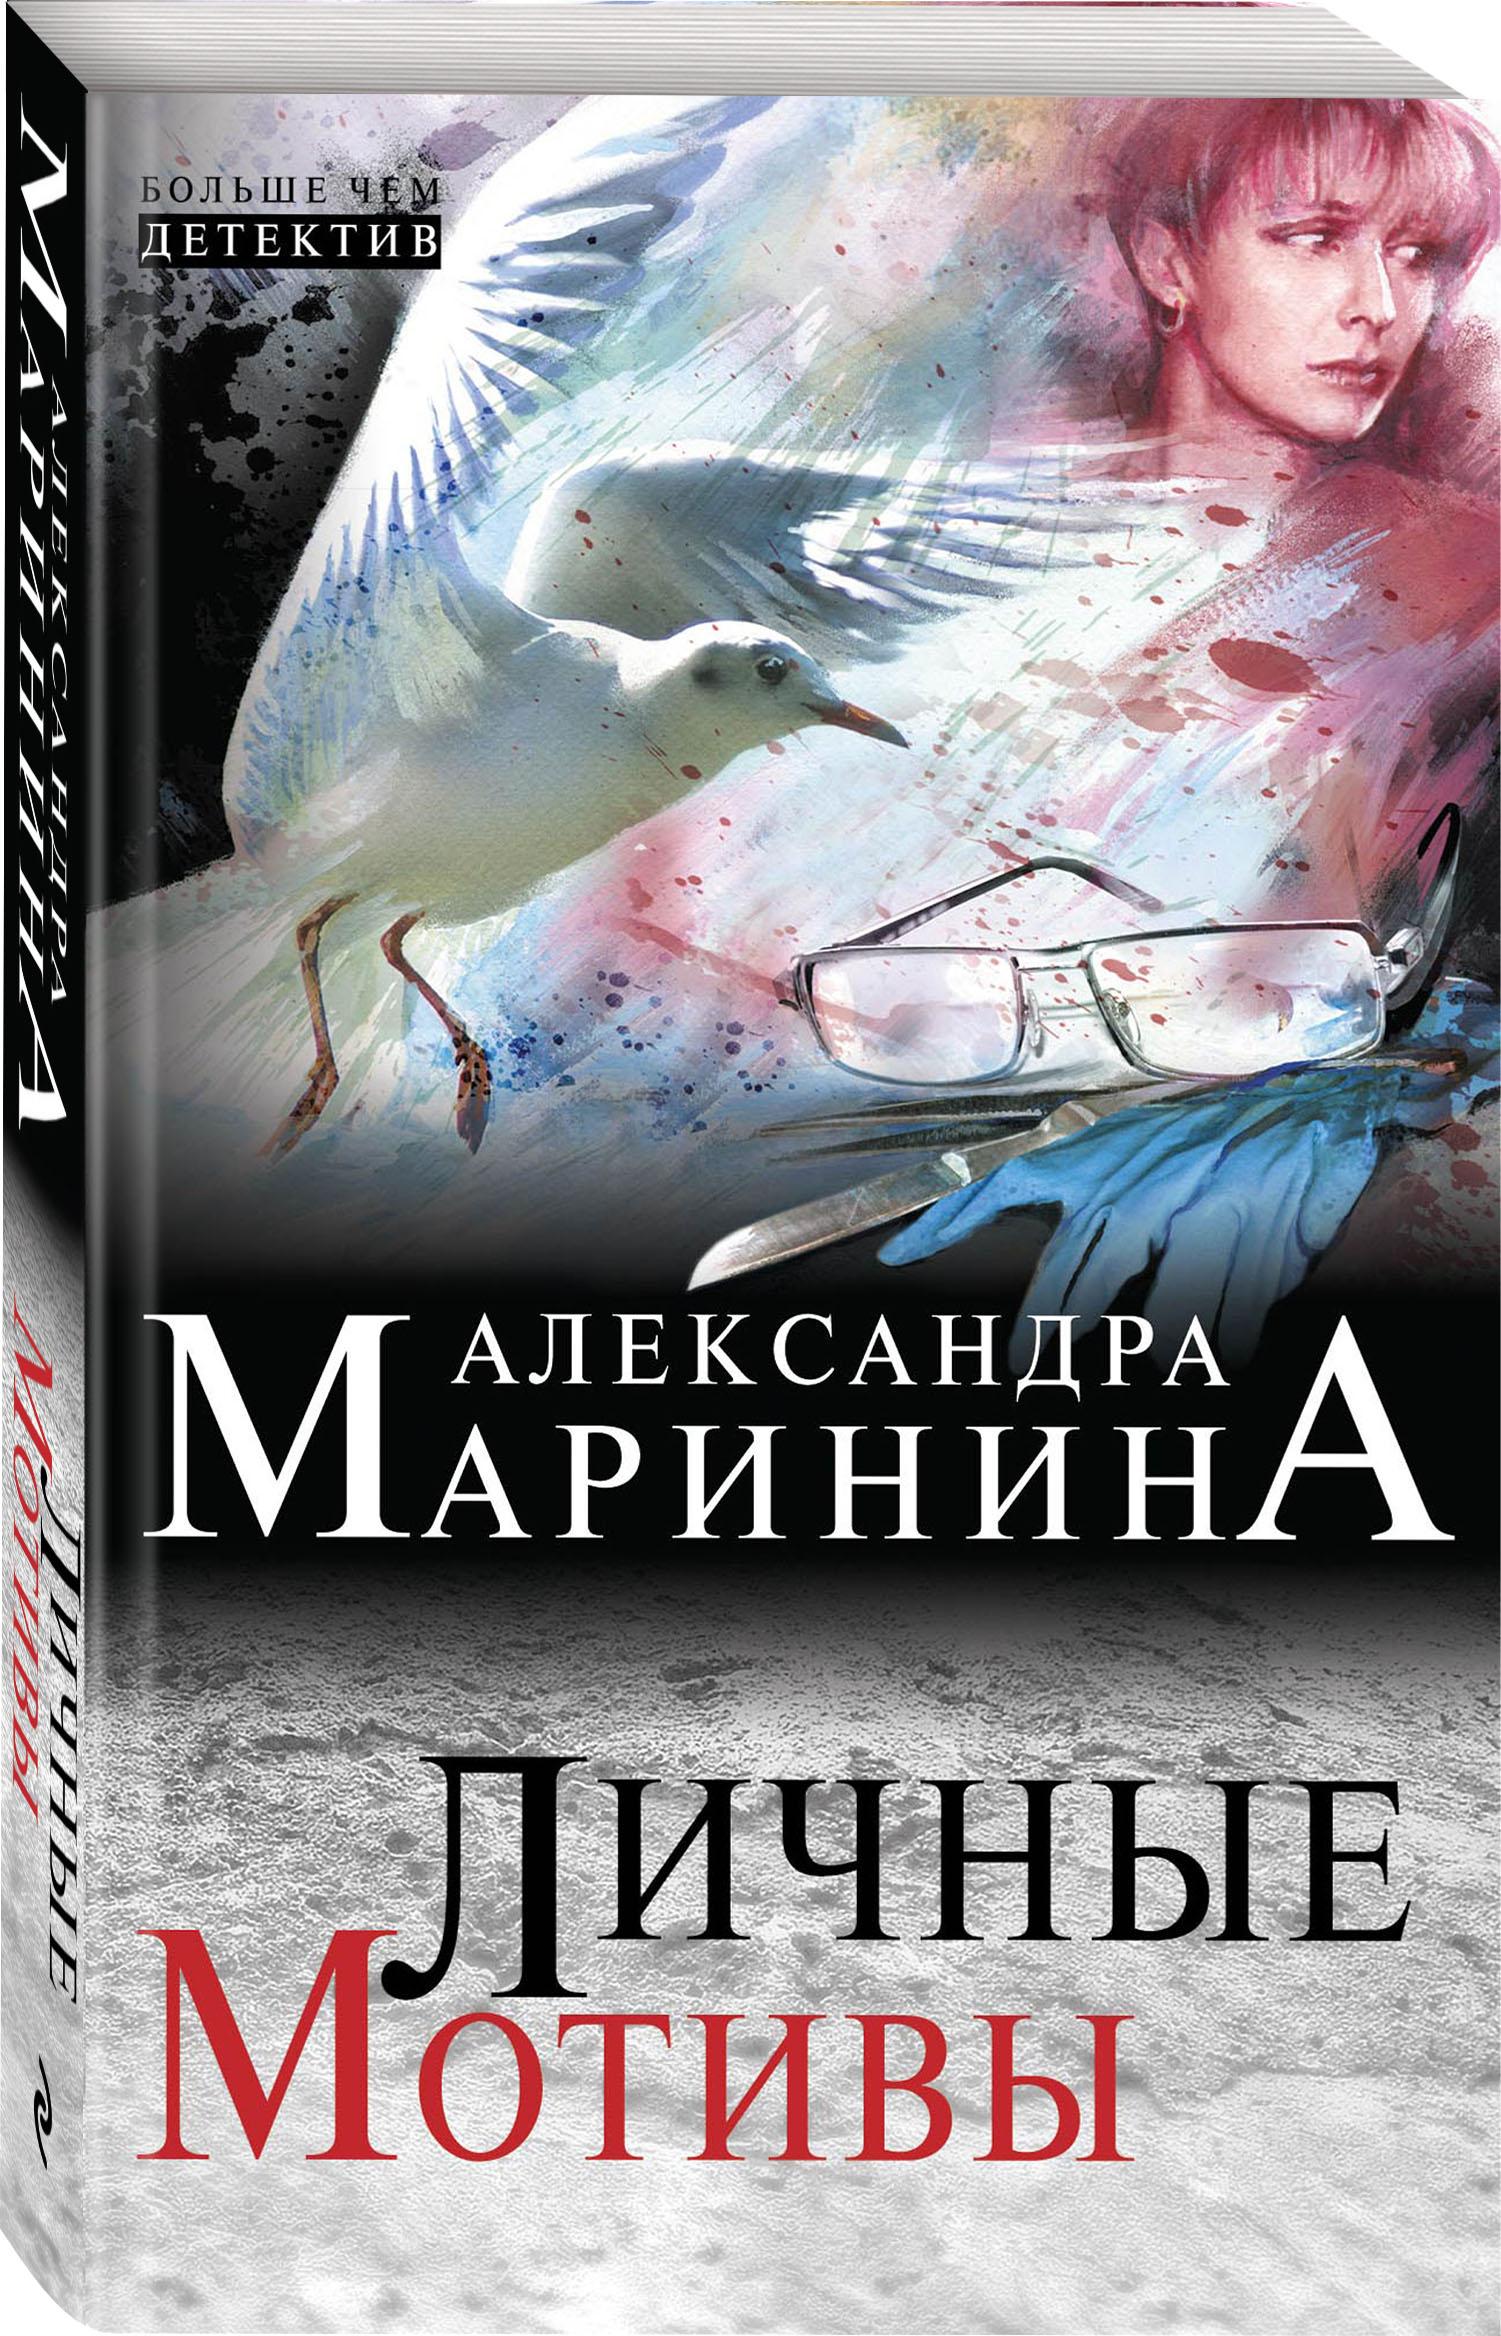 Маринина А. Личные мотивы амортизатор в днепропетровске на то та